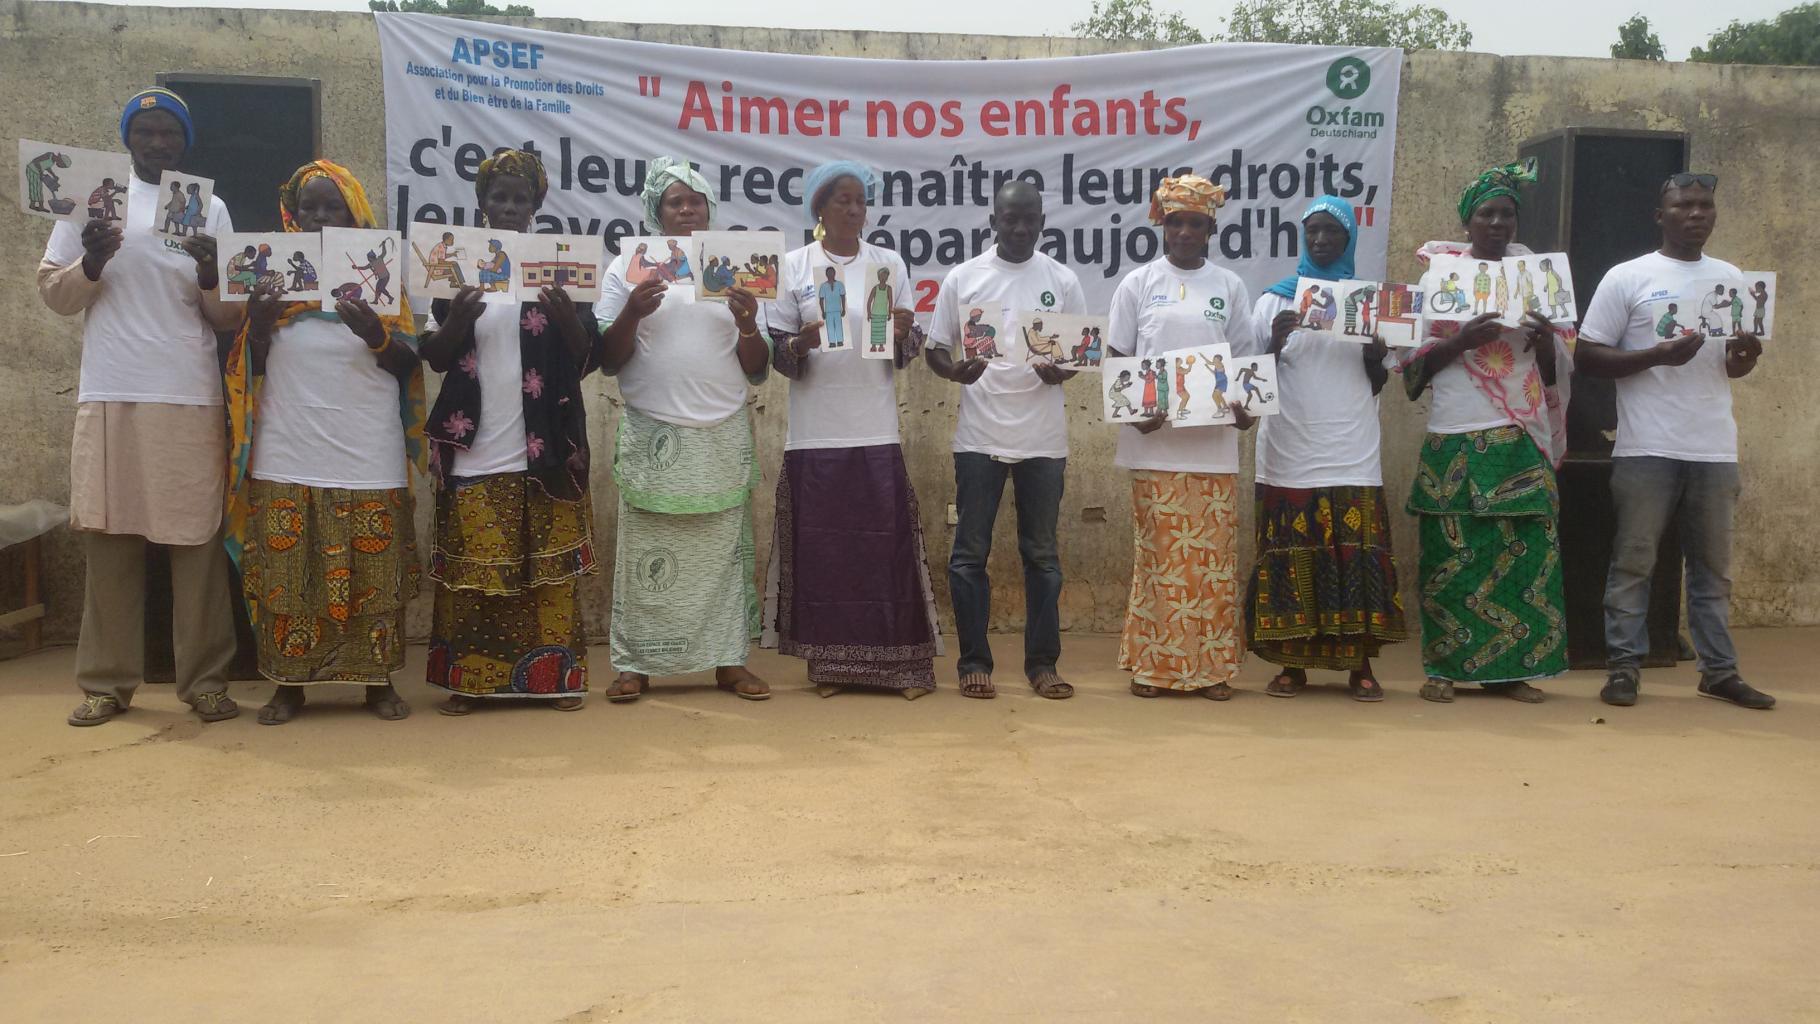 Mitarbeiter/innen von APSEF und Dorfvertreter/innen bei einer Informationsveranstaltung in Nyamina